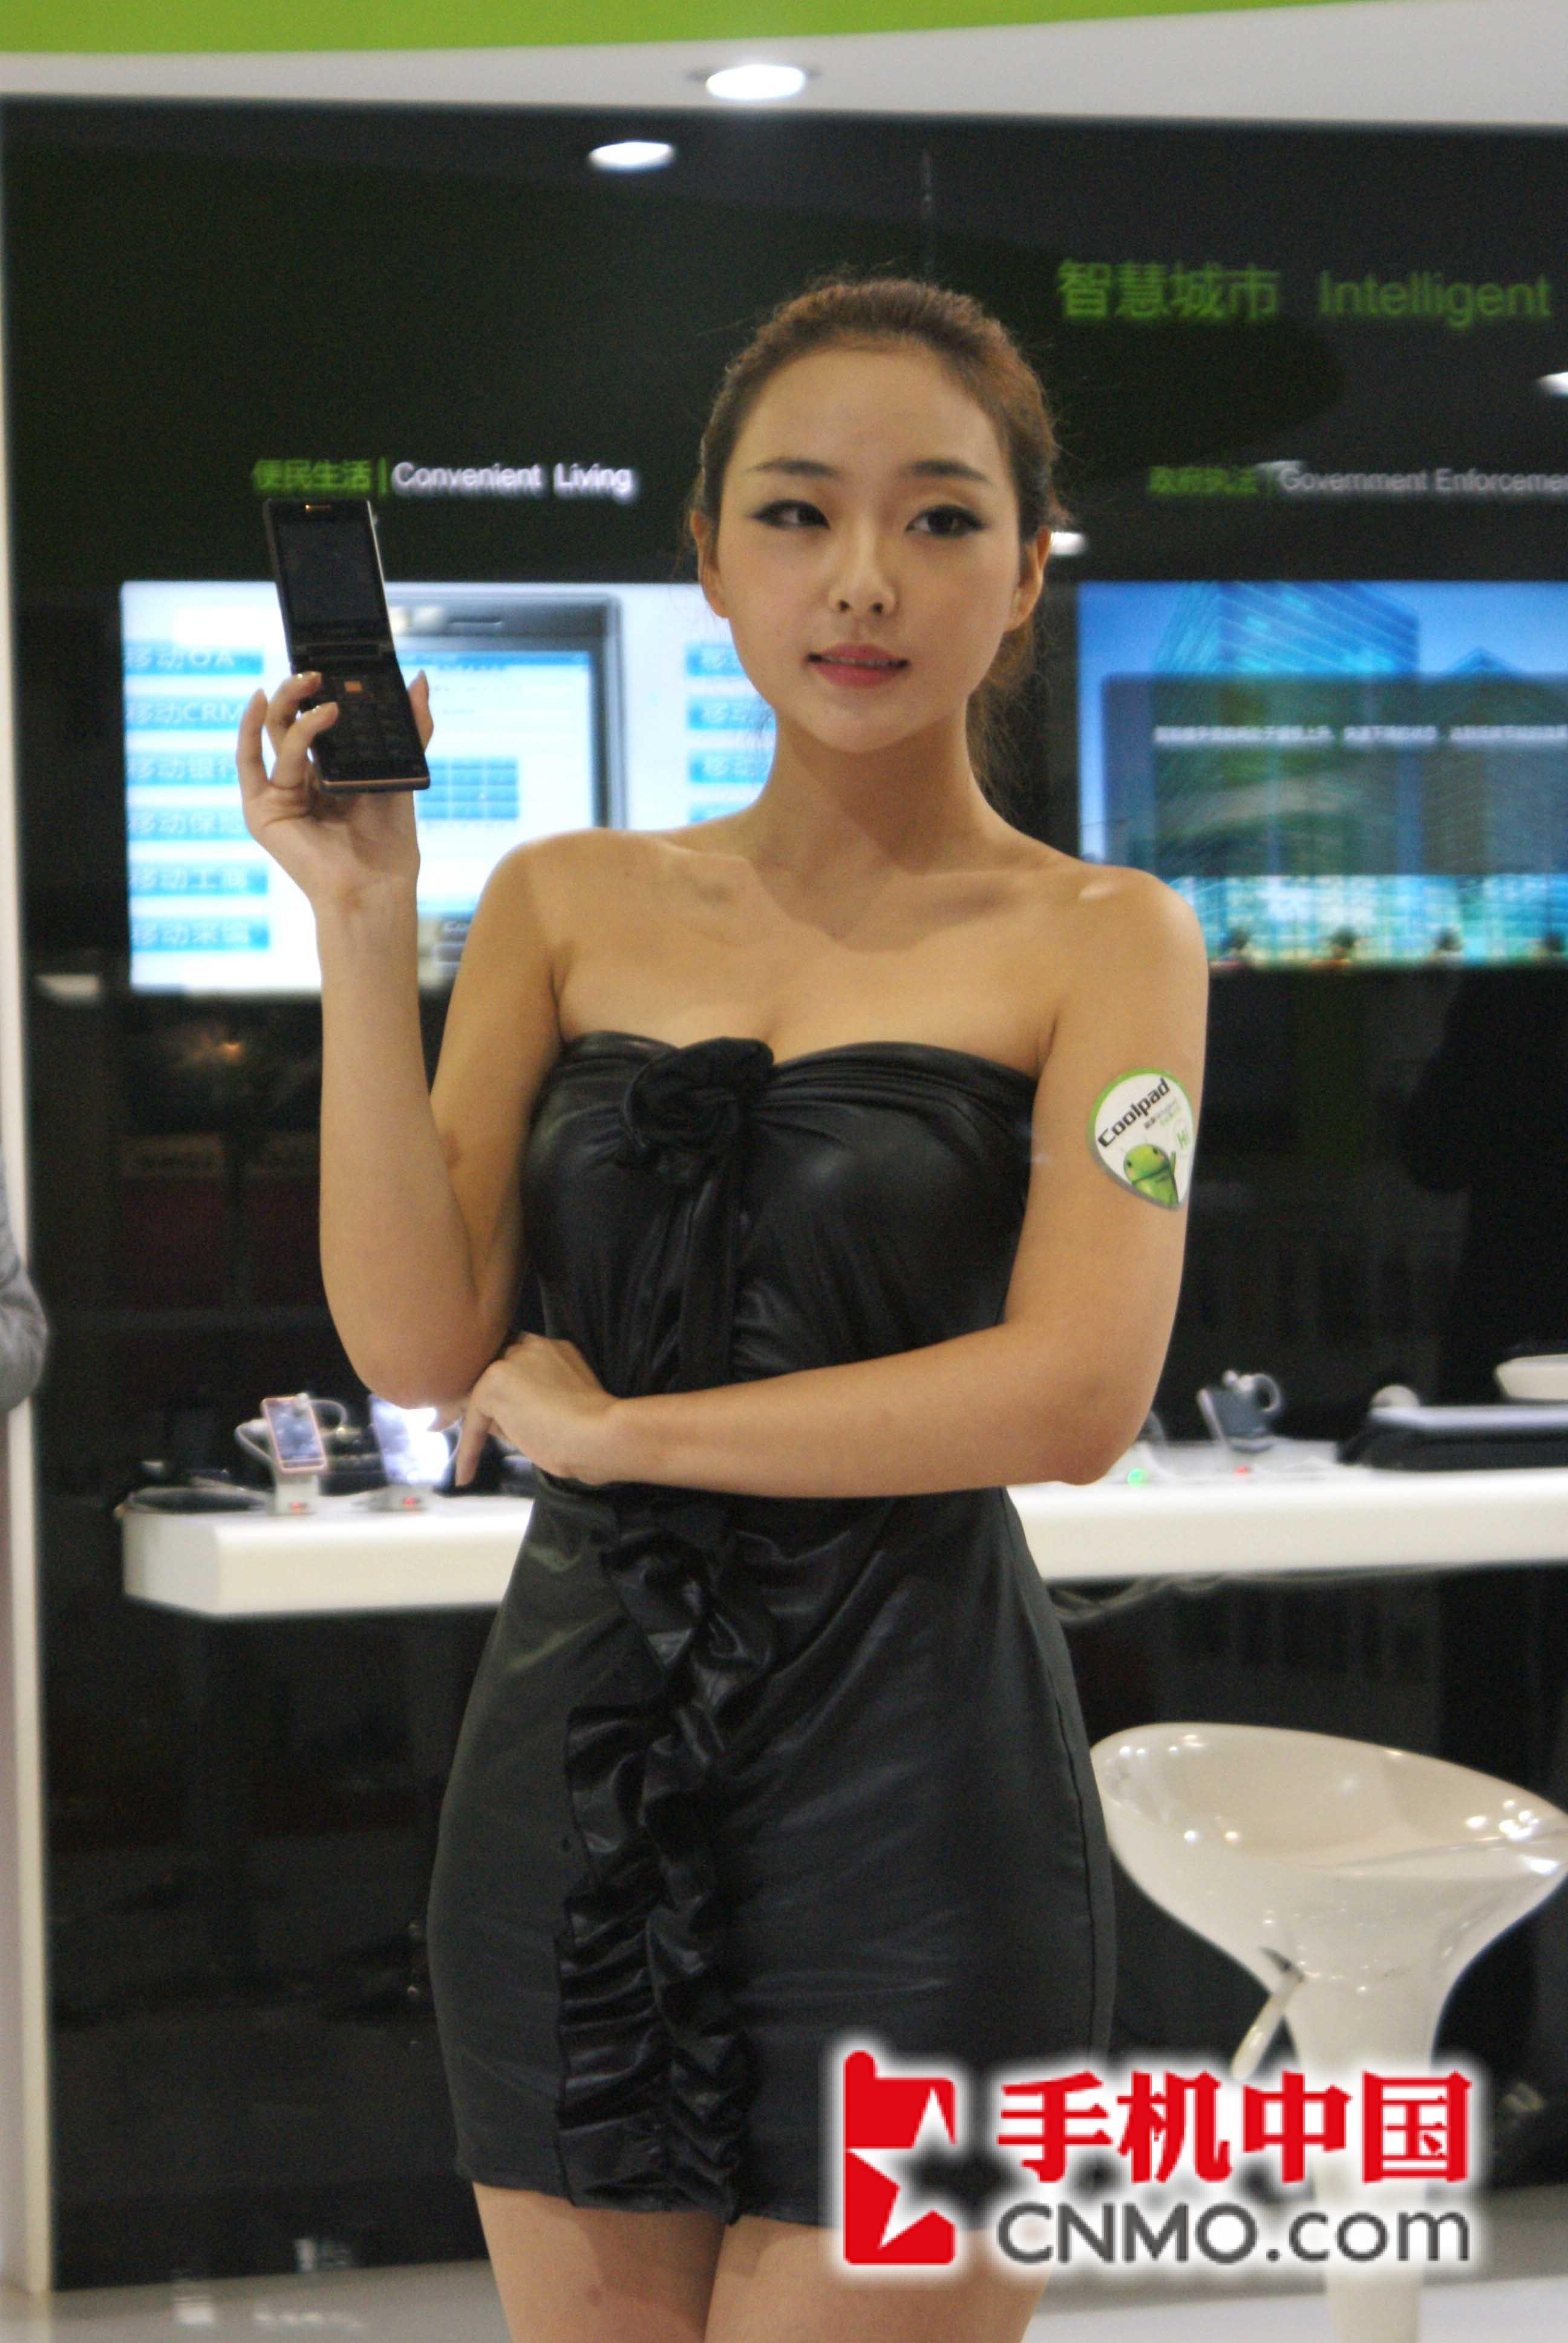 黑衣美女酷派促销美女台湾通信展美女  竖